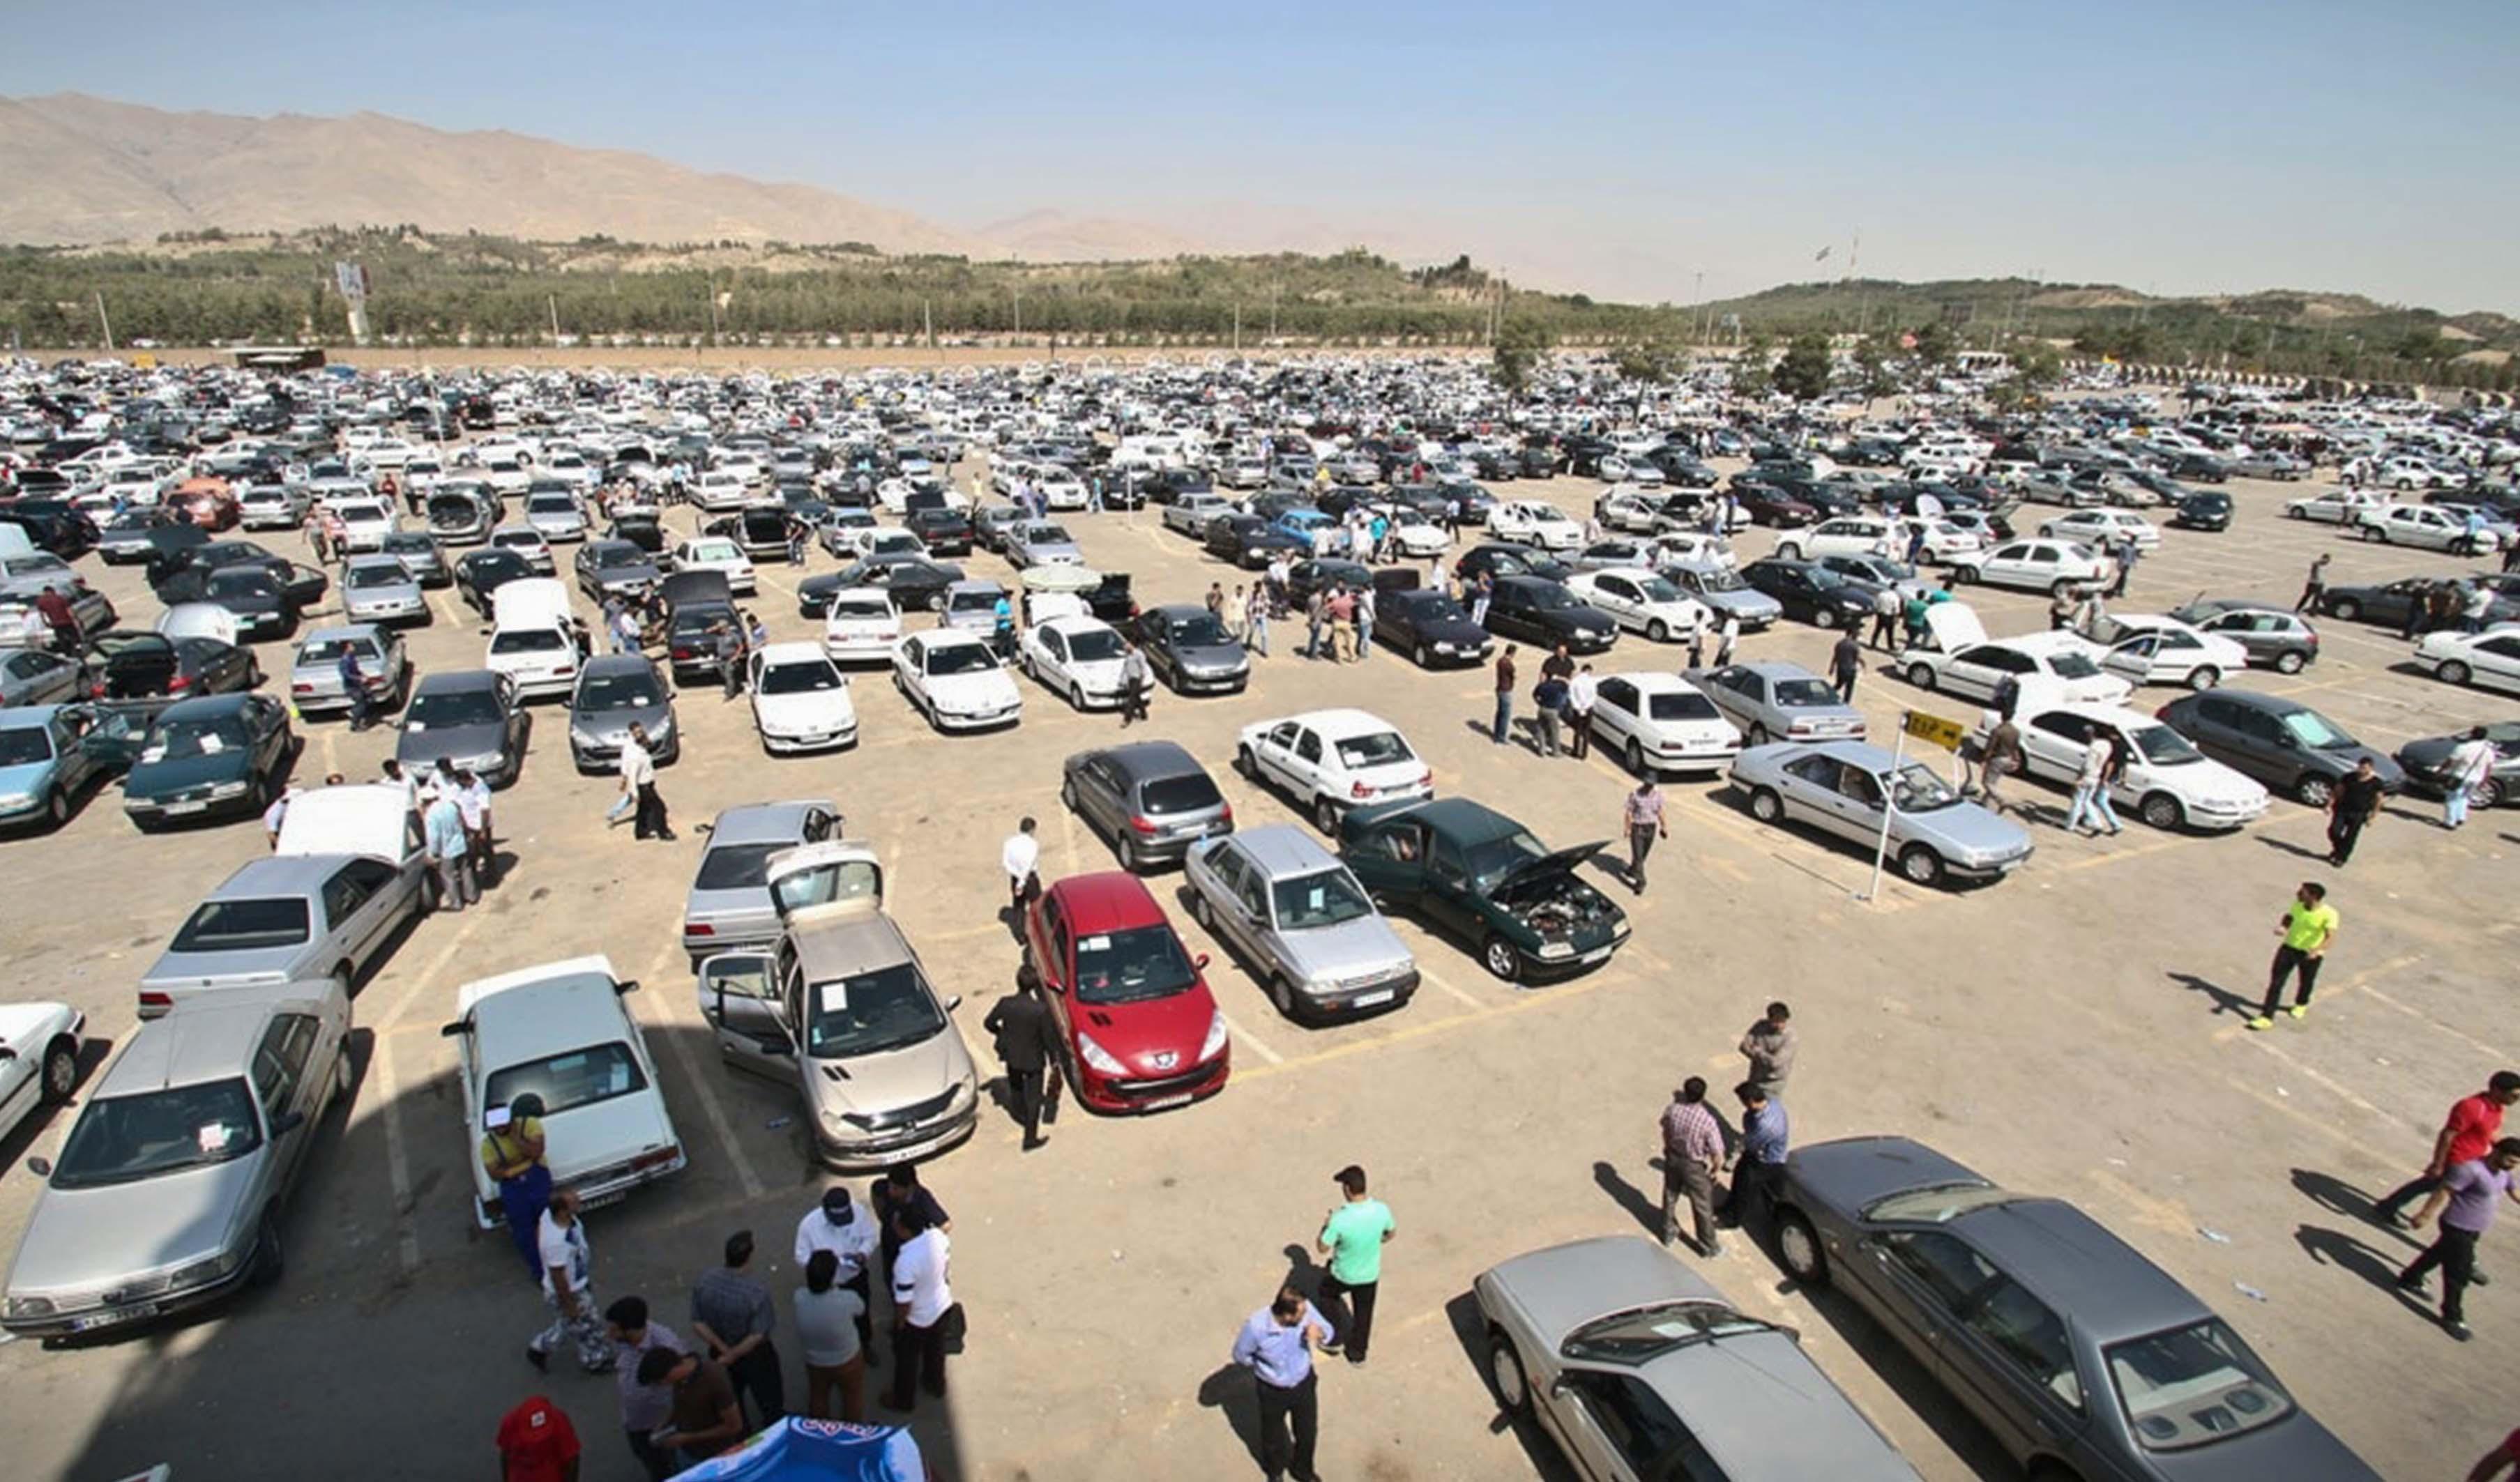 بازار خودرو؛ همچنان صعودی/رشد 7 میلیون تومانی قیمت برخی خودروها